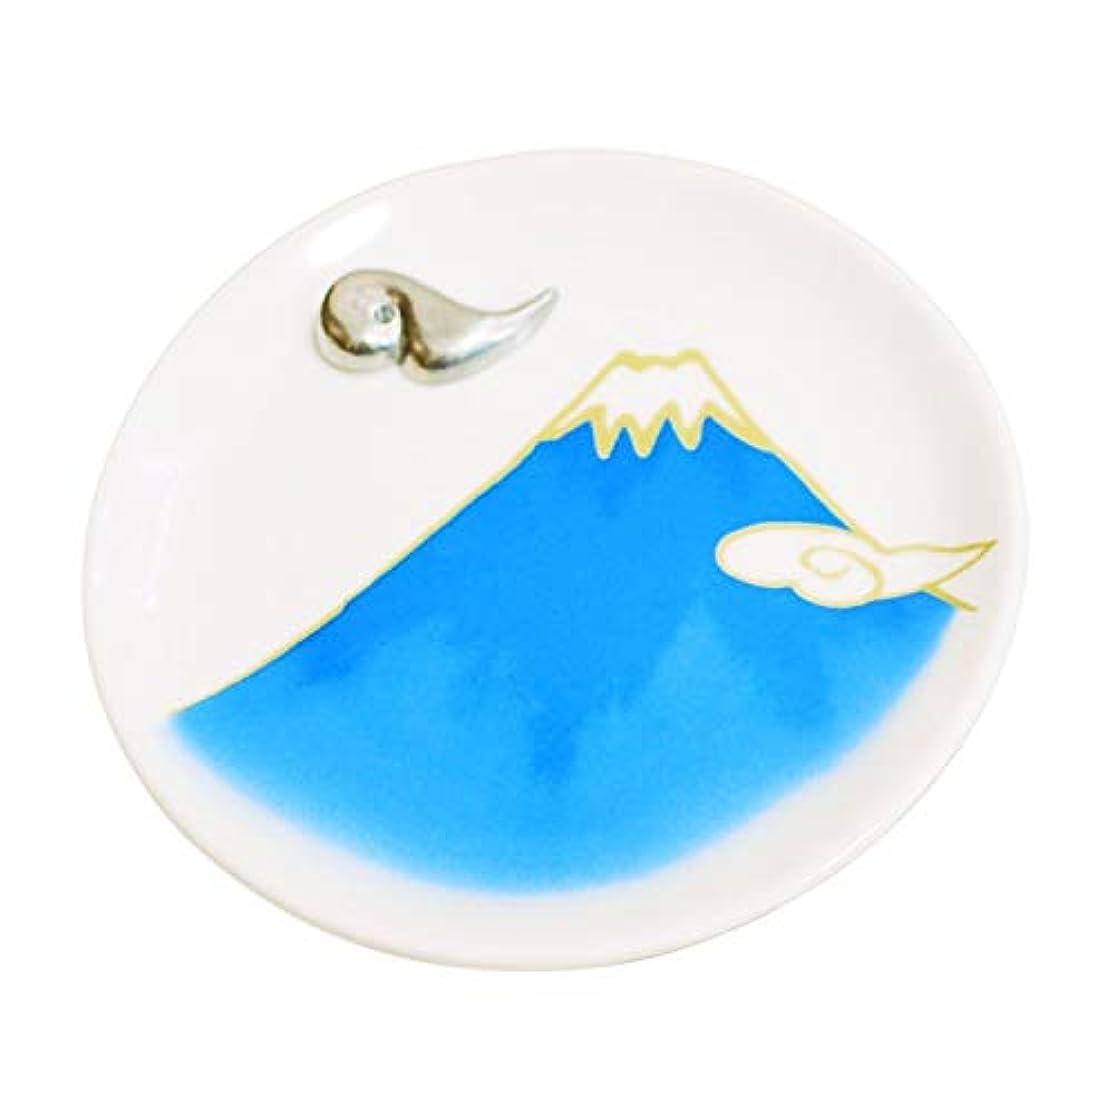 悲劇的な取り付け相続人香皿 富士山 ブルー 雲型香立て付 青富士 香立 お線香立て Cセット